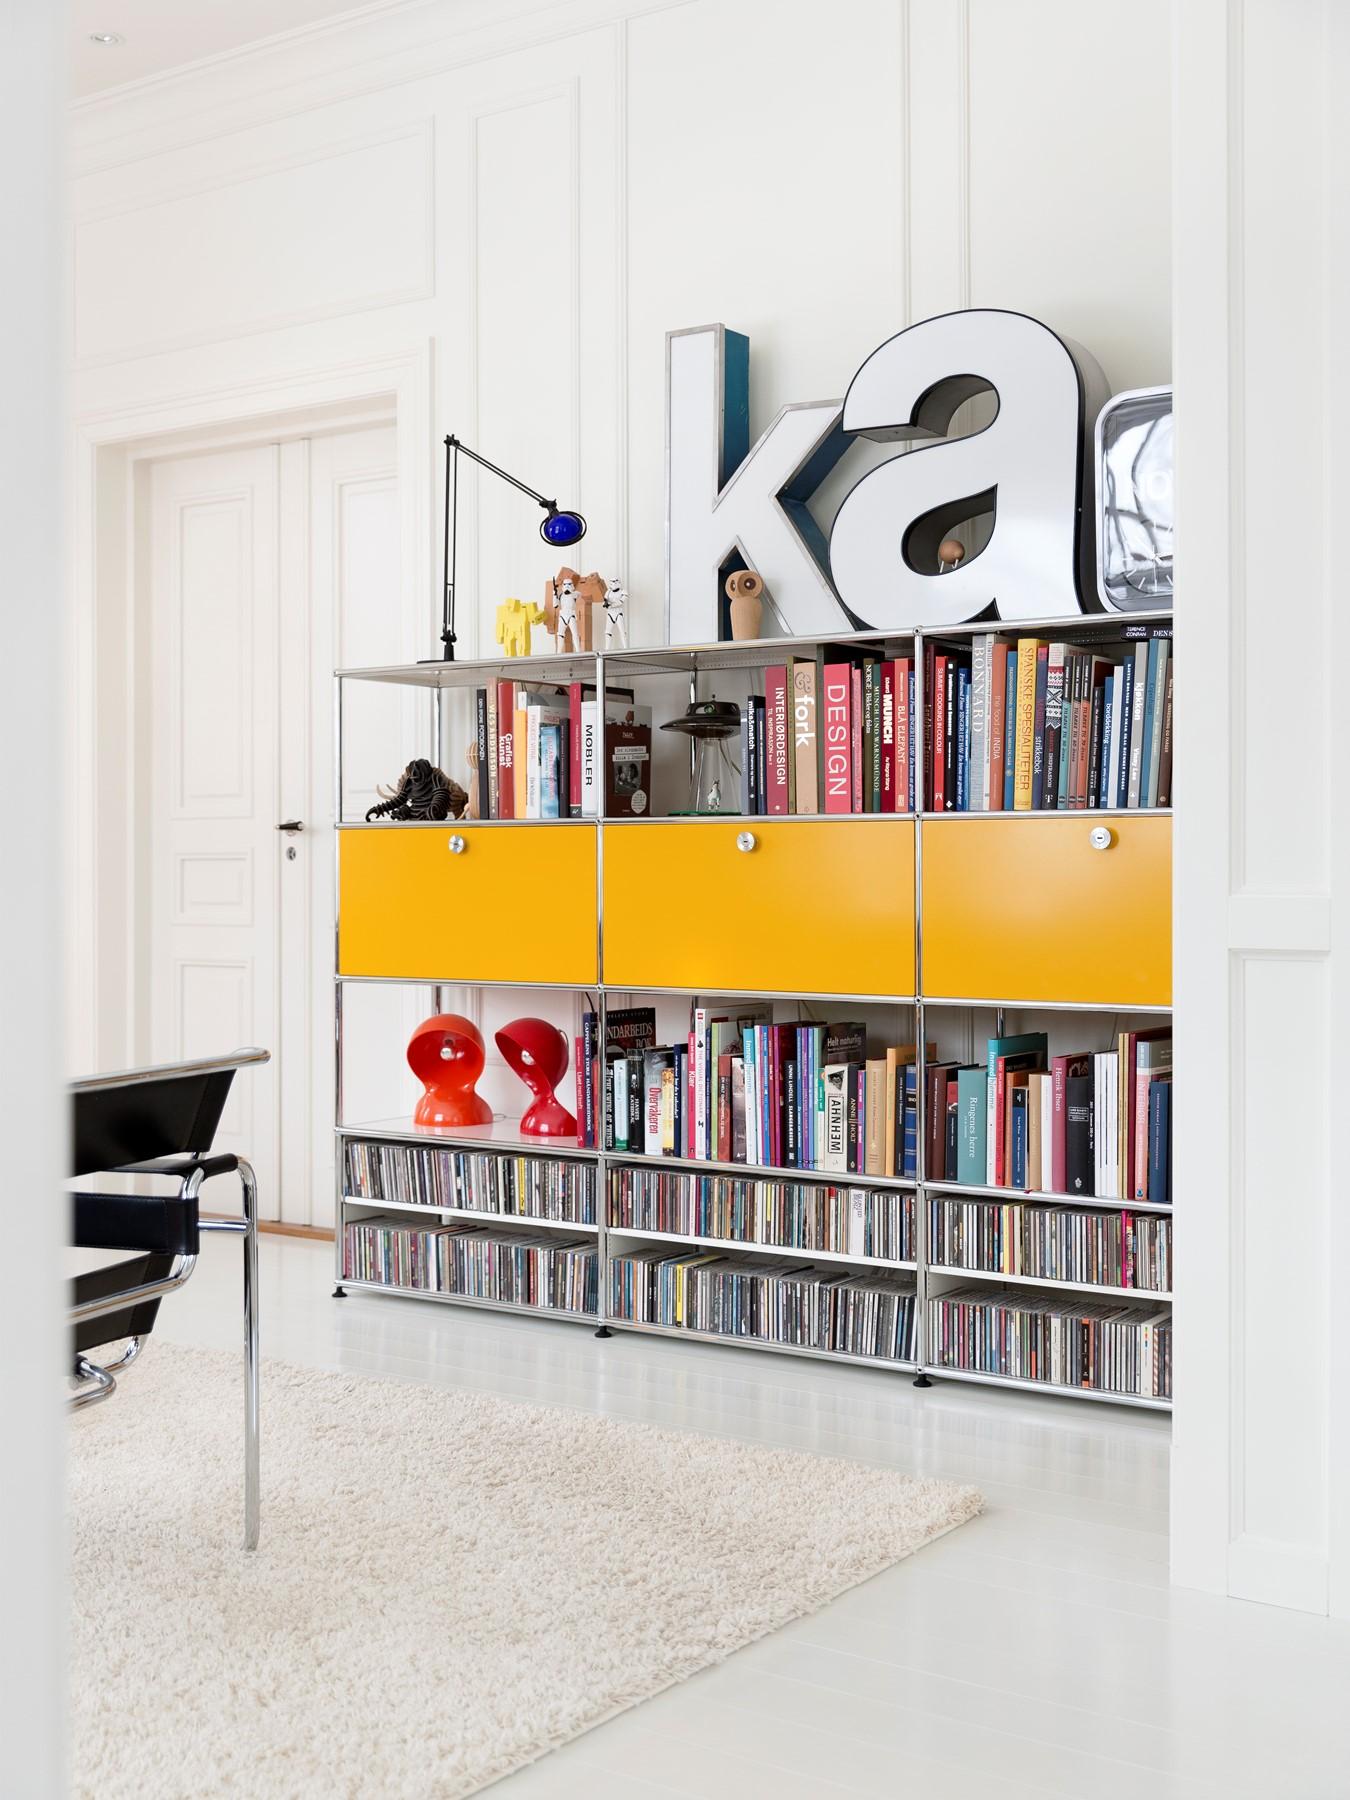 mit usm haller die perfekte bibliothek f r ihr zuhause gestalten bruno wickart blog. Black Bedroom Furniture Sets. Home Design Ideas